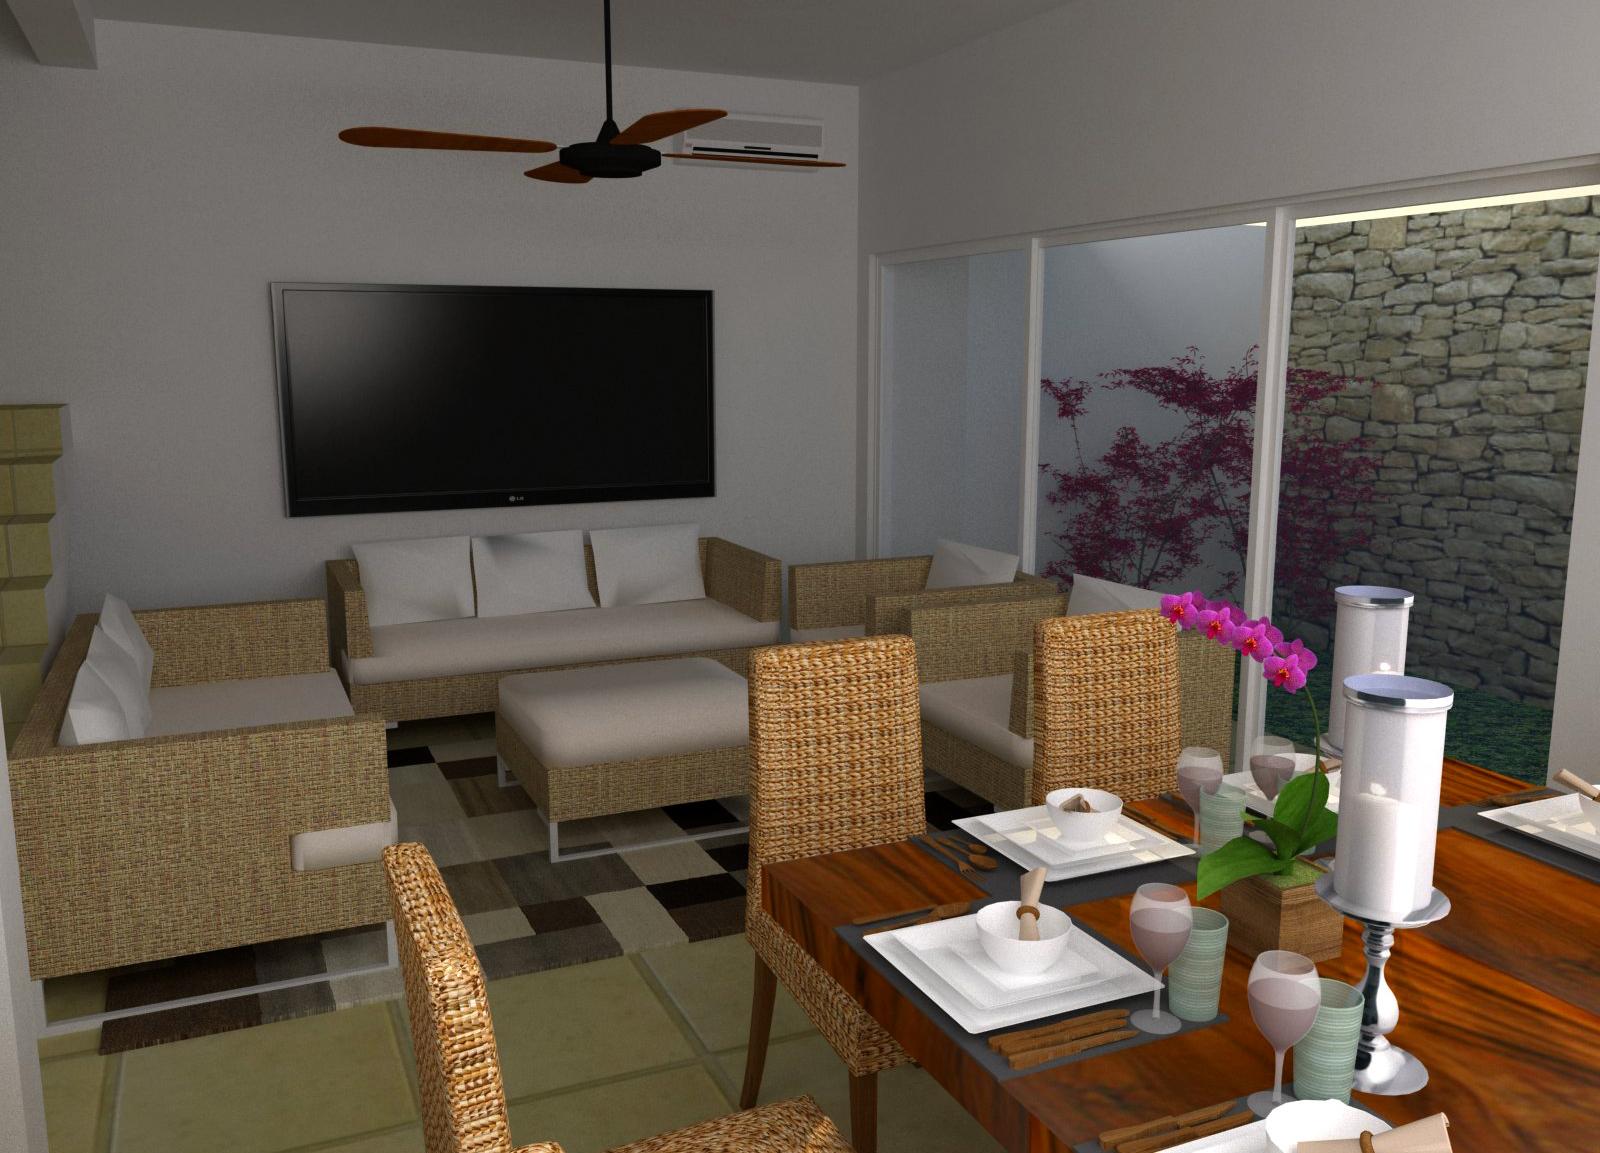 Casa ro residencial arbolada by cumbres cancun for Decoracion en cancun